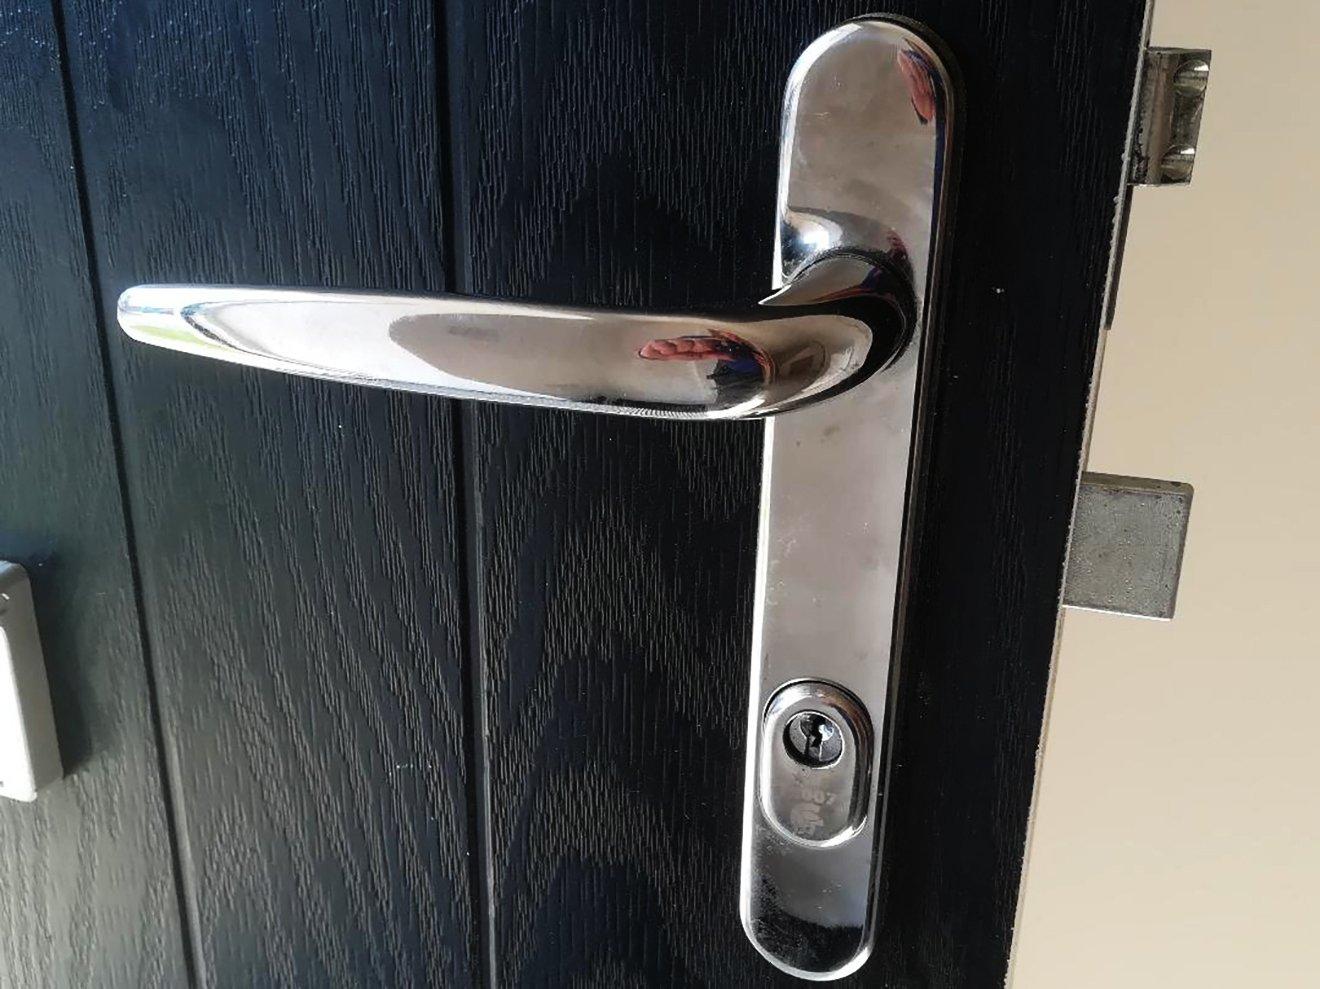 New door lock replacement